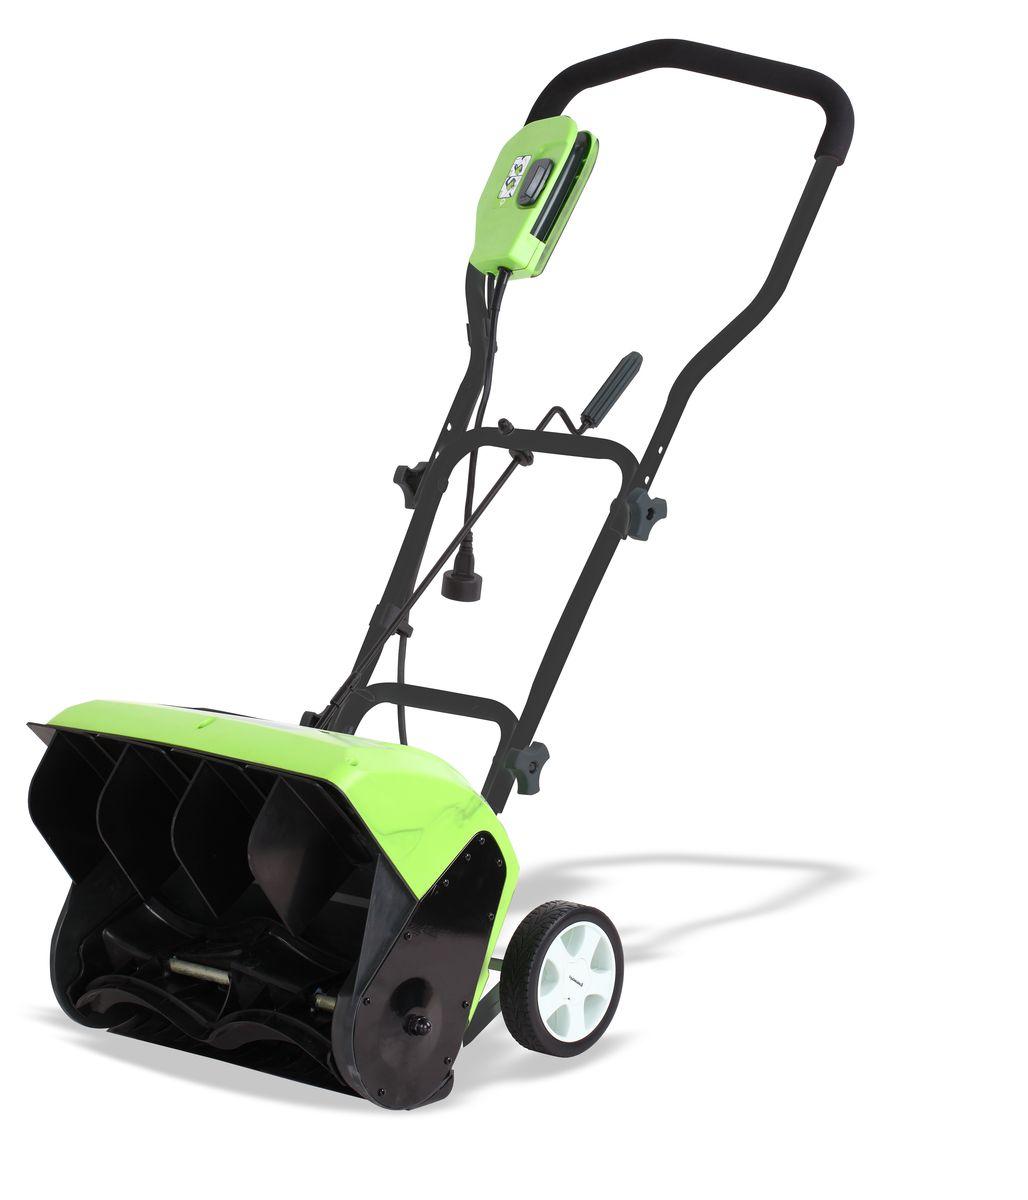 ������������ ������������� Greenworks 1200 �� 40 ��